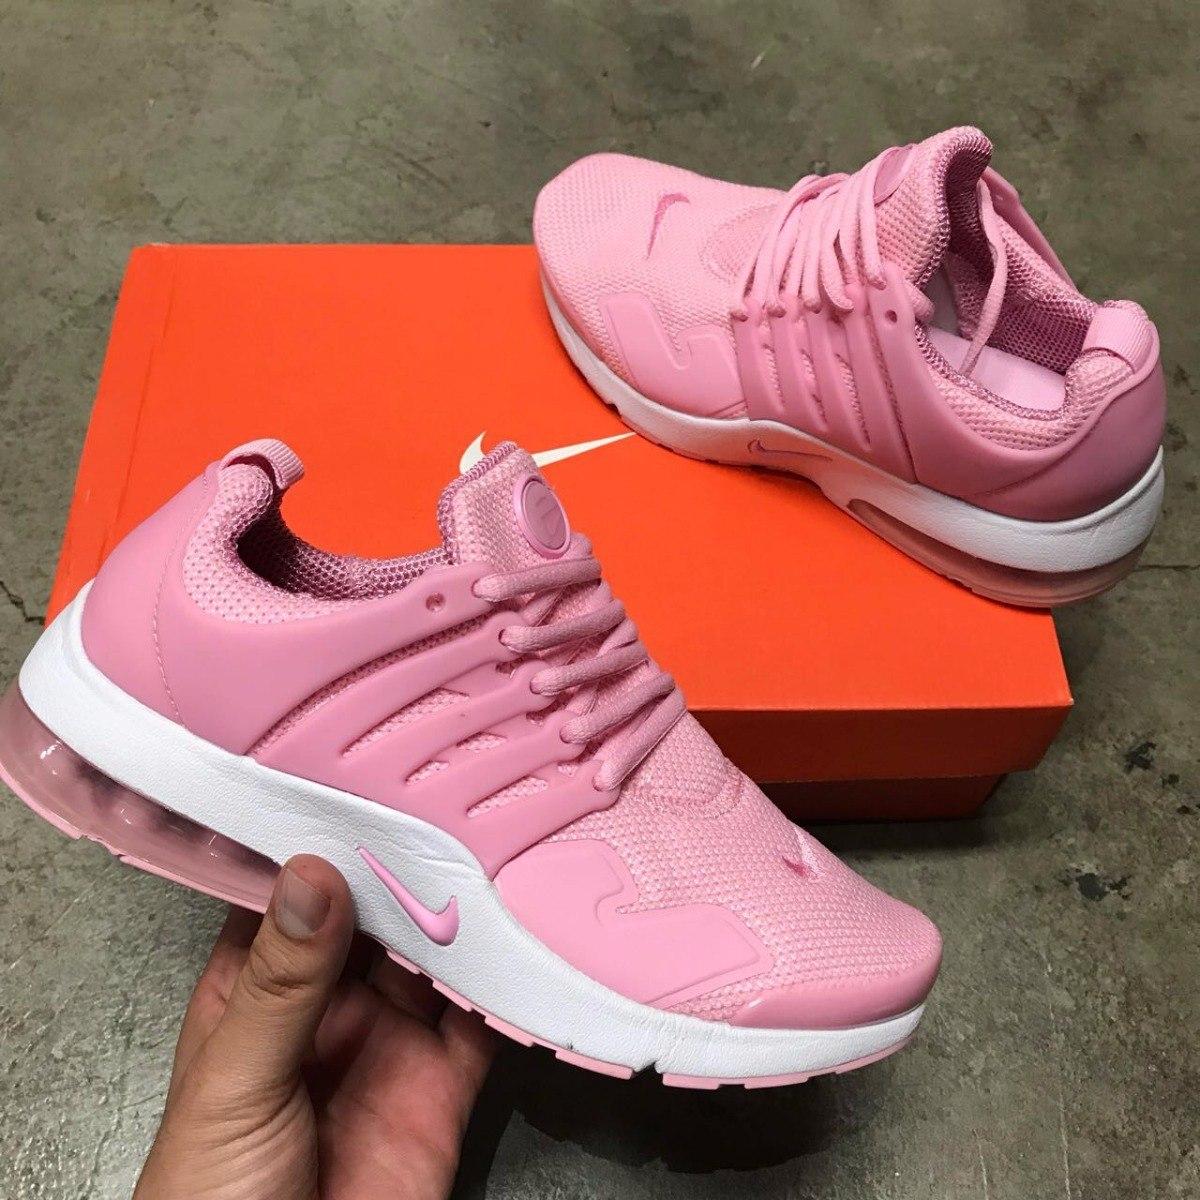 sobrina camión Delicioso  rosado nike air presto mujer purchase 0605c a76fb